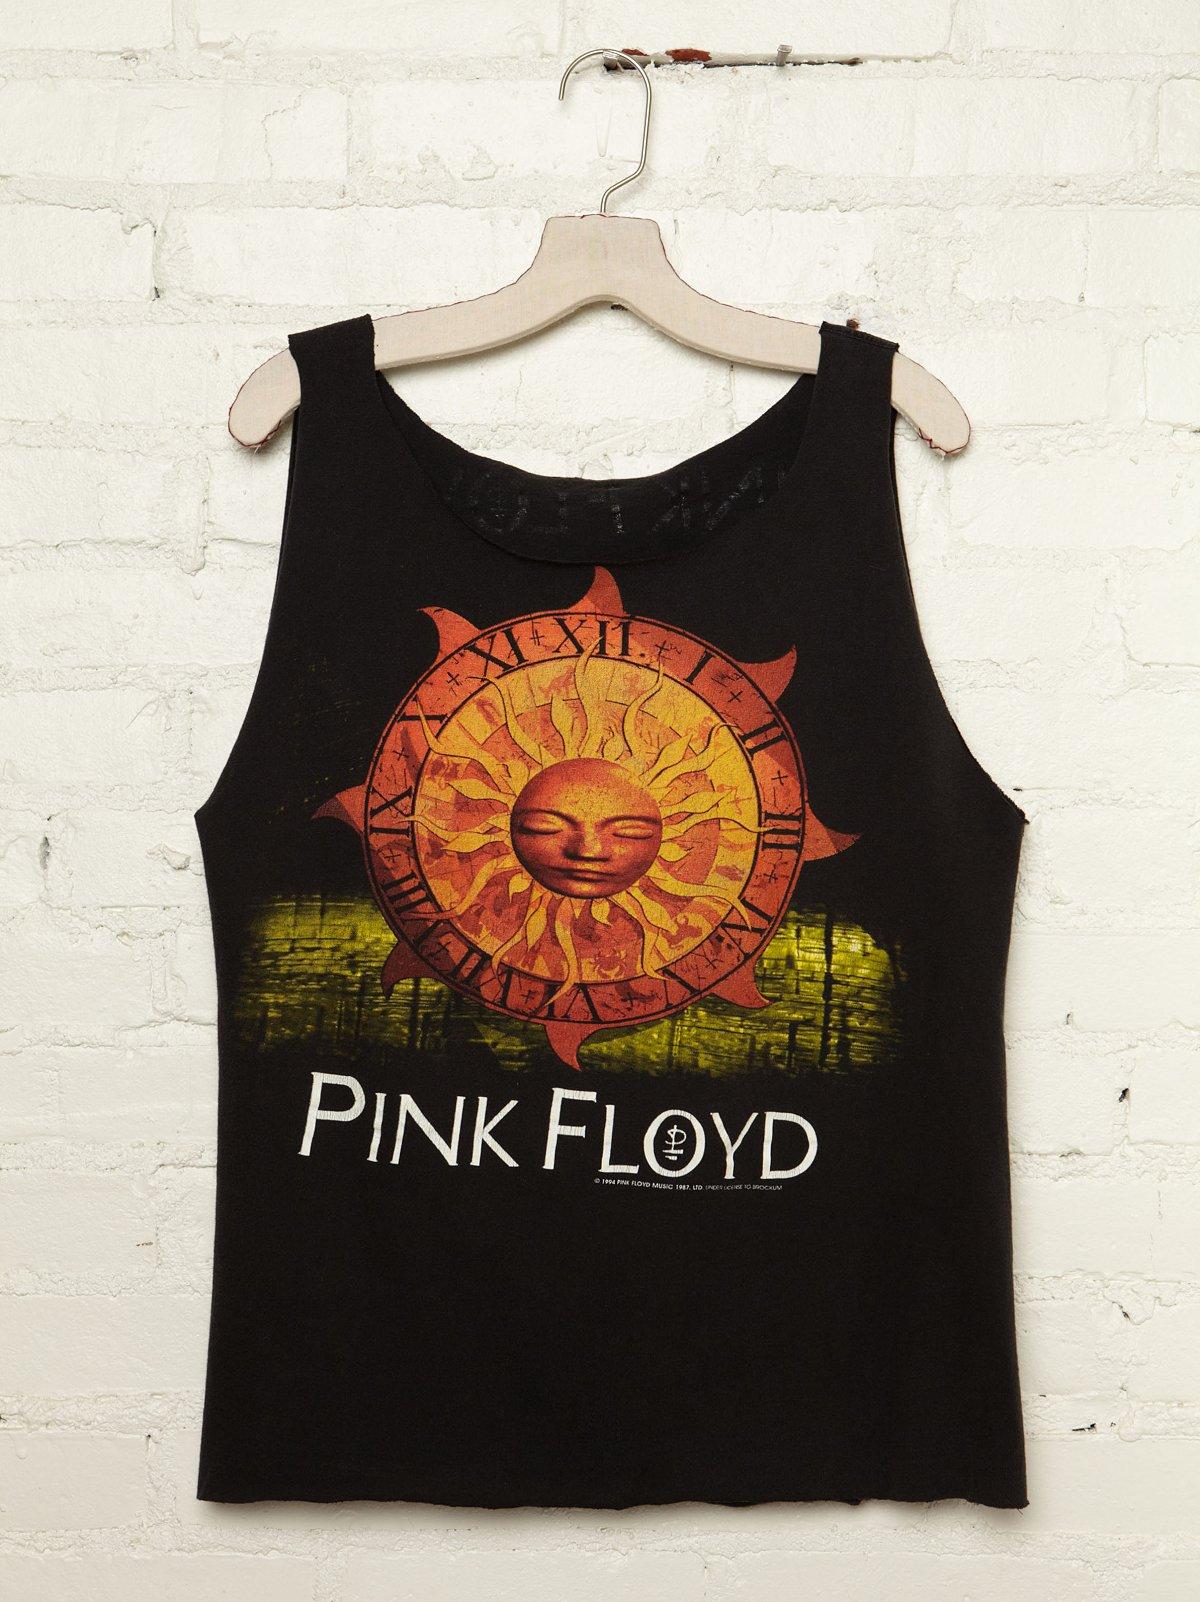 Vintage Pink Floyd 1994 Tour Tank